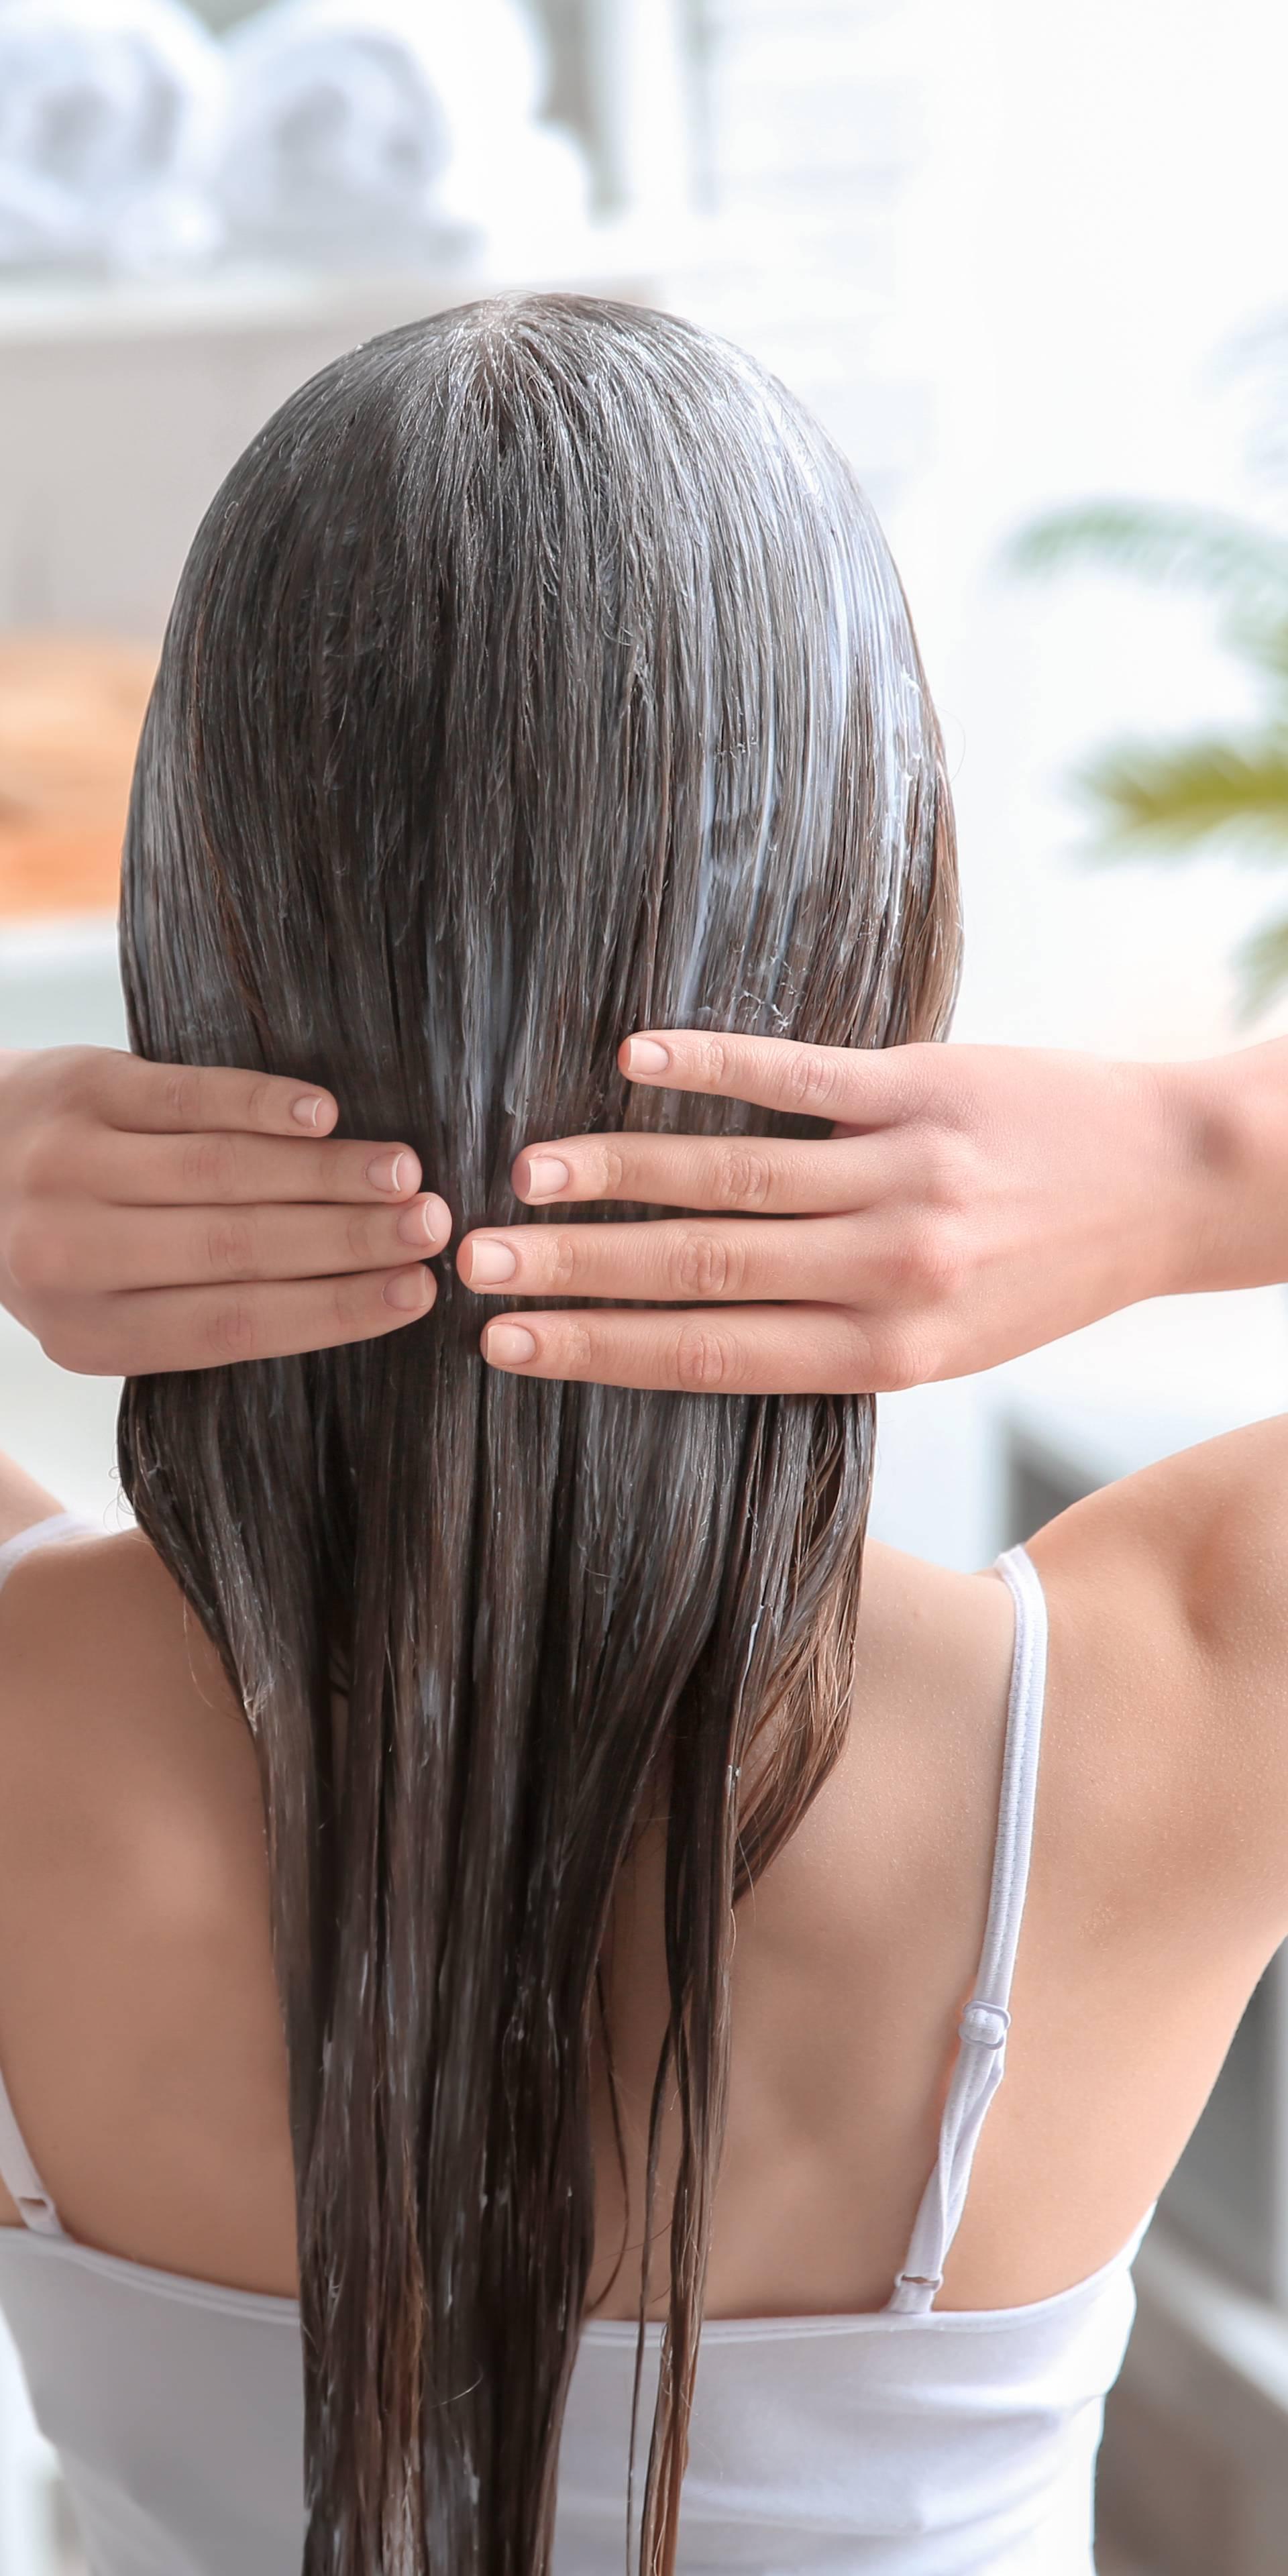 Kad stavljati regenerator za kosu? To ovisi o više faktora